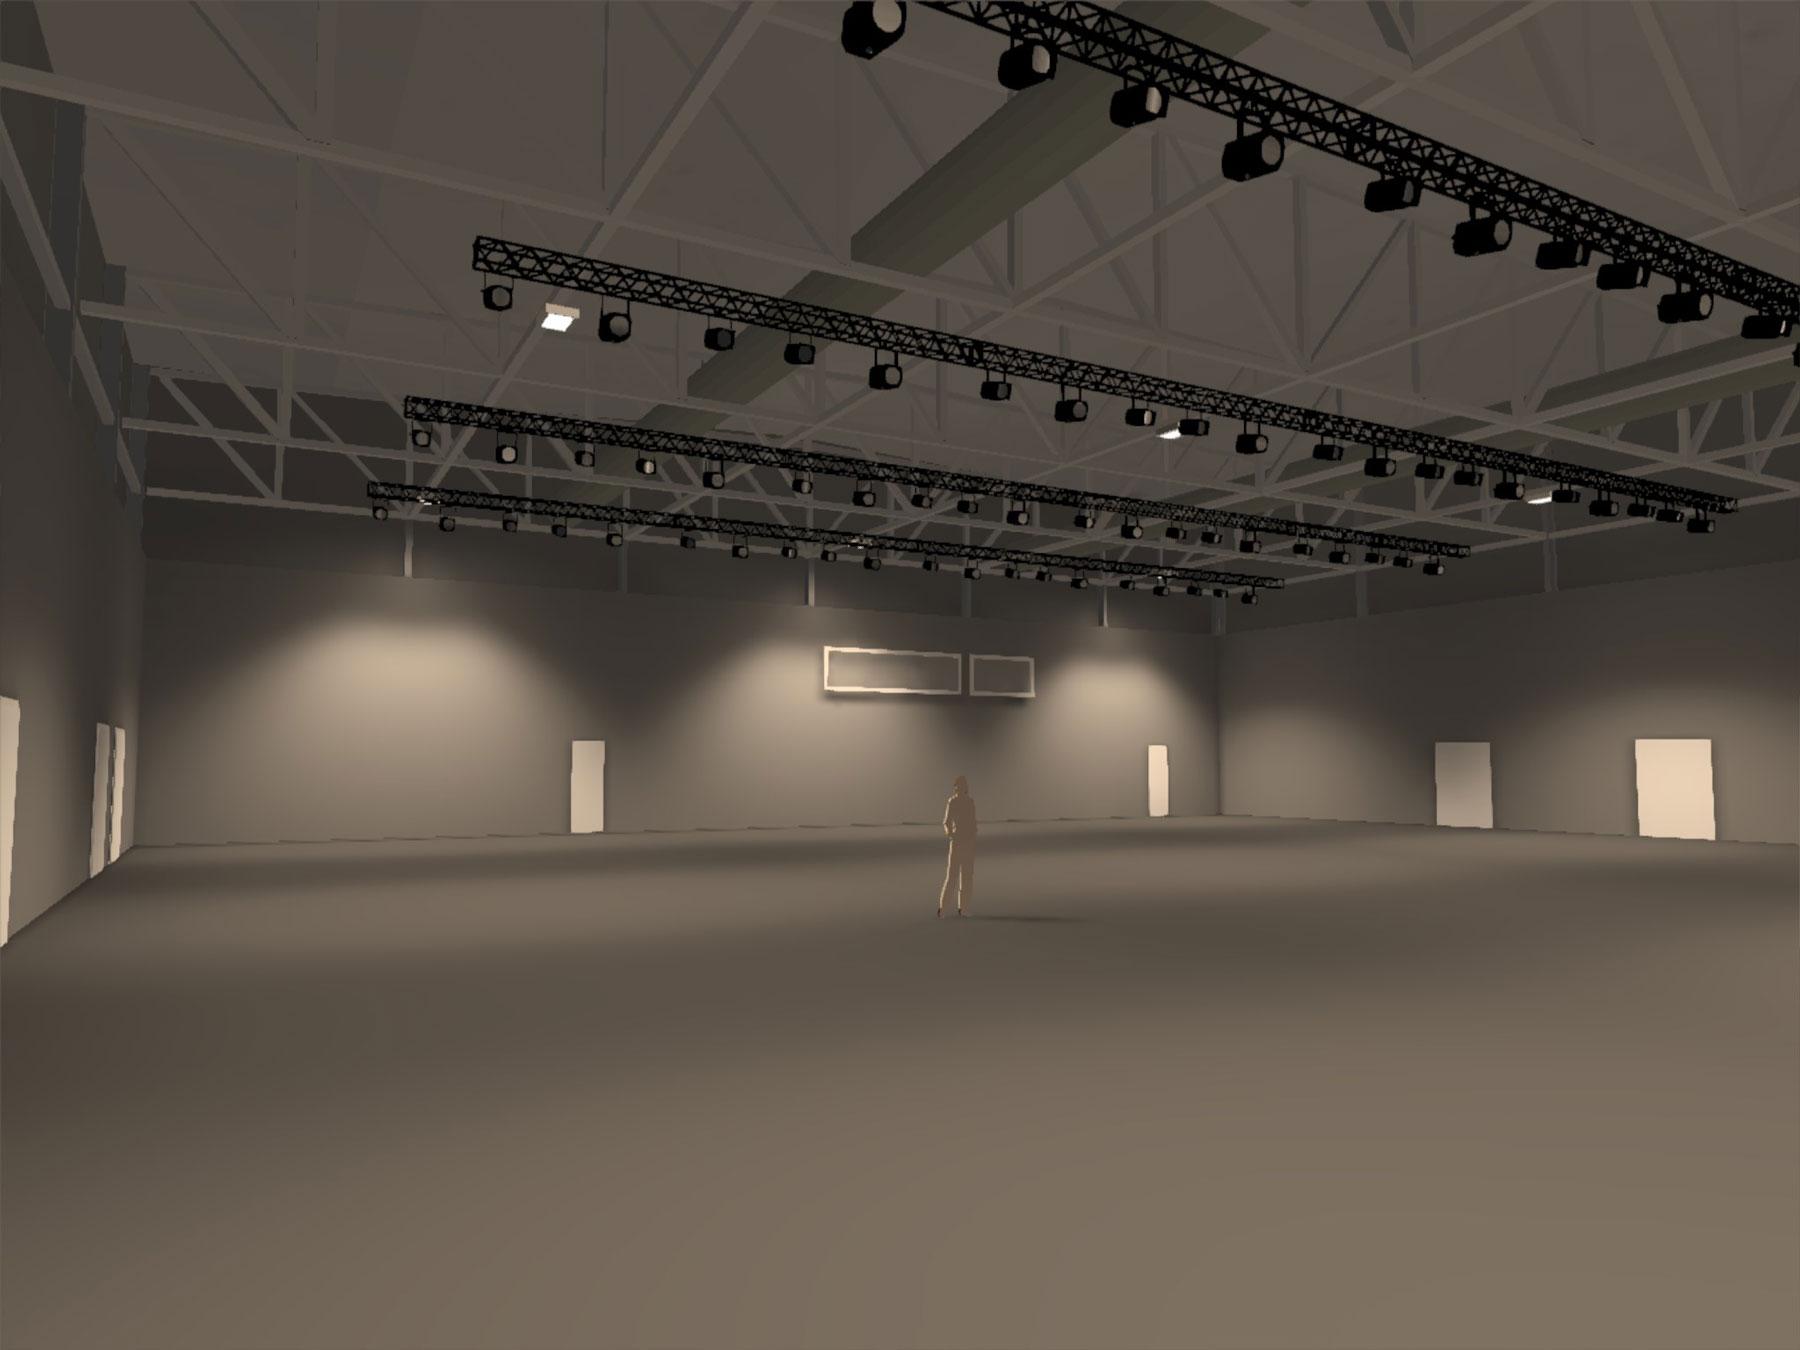 rail d'éclairage dans une salle de spectacle